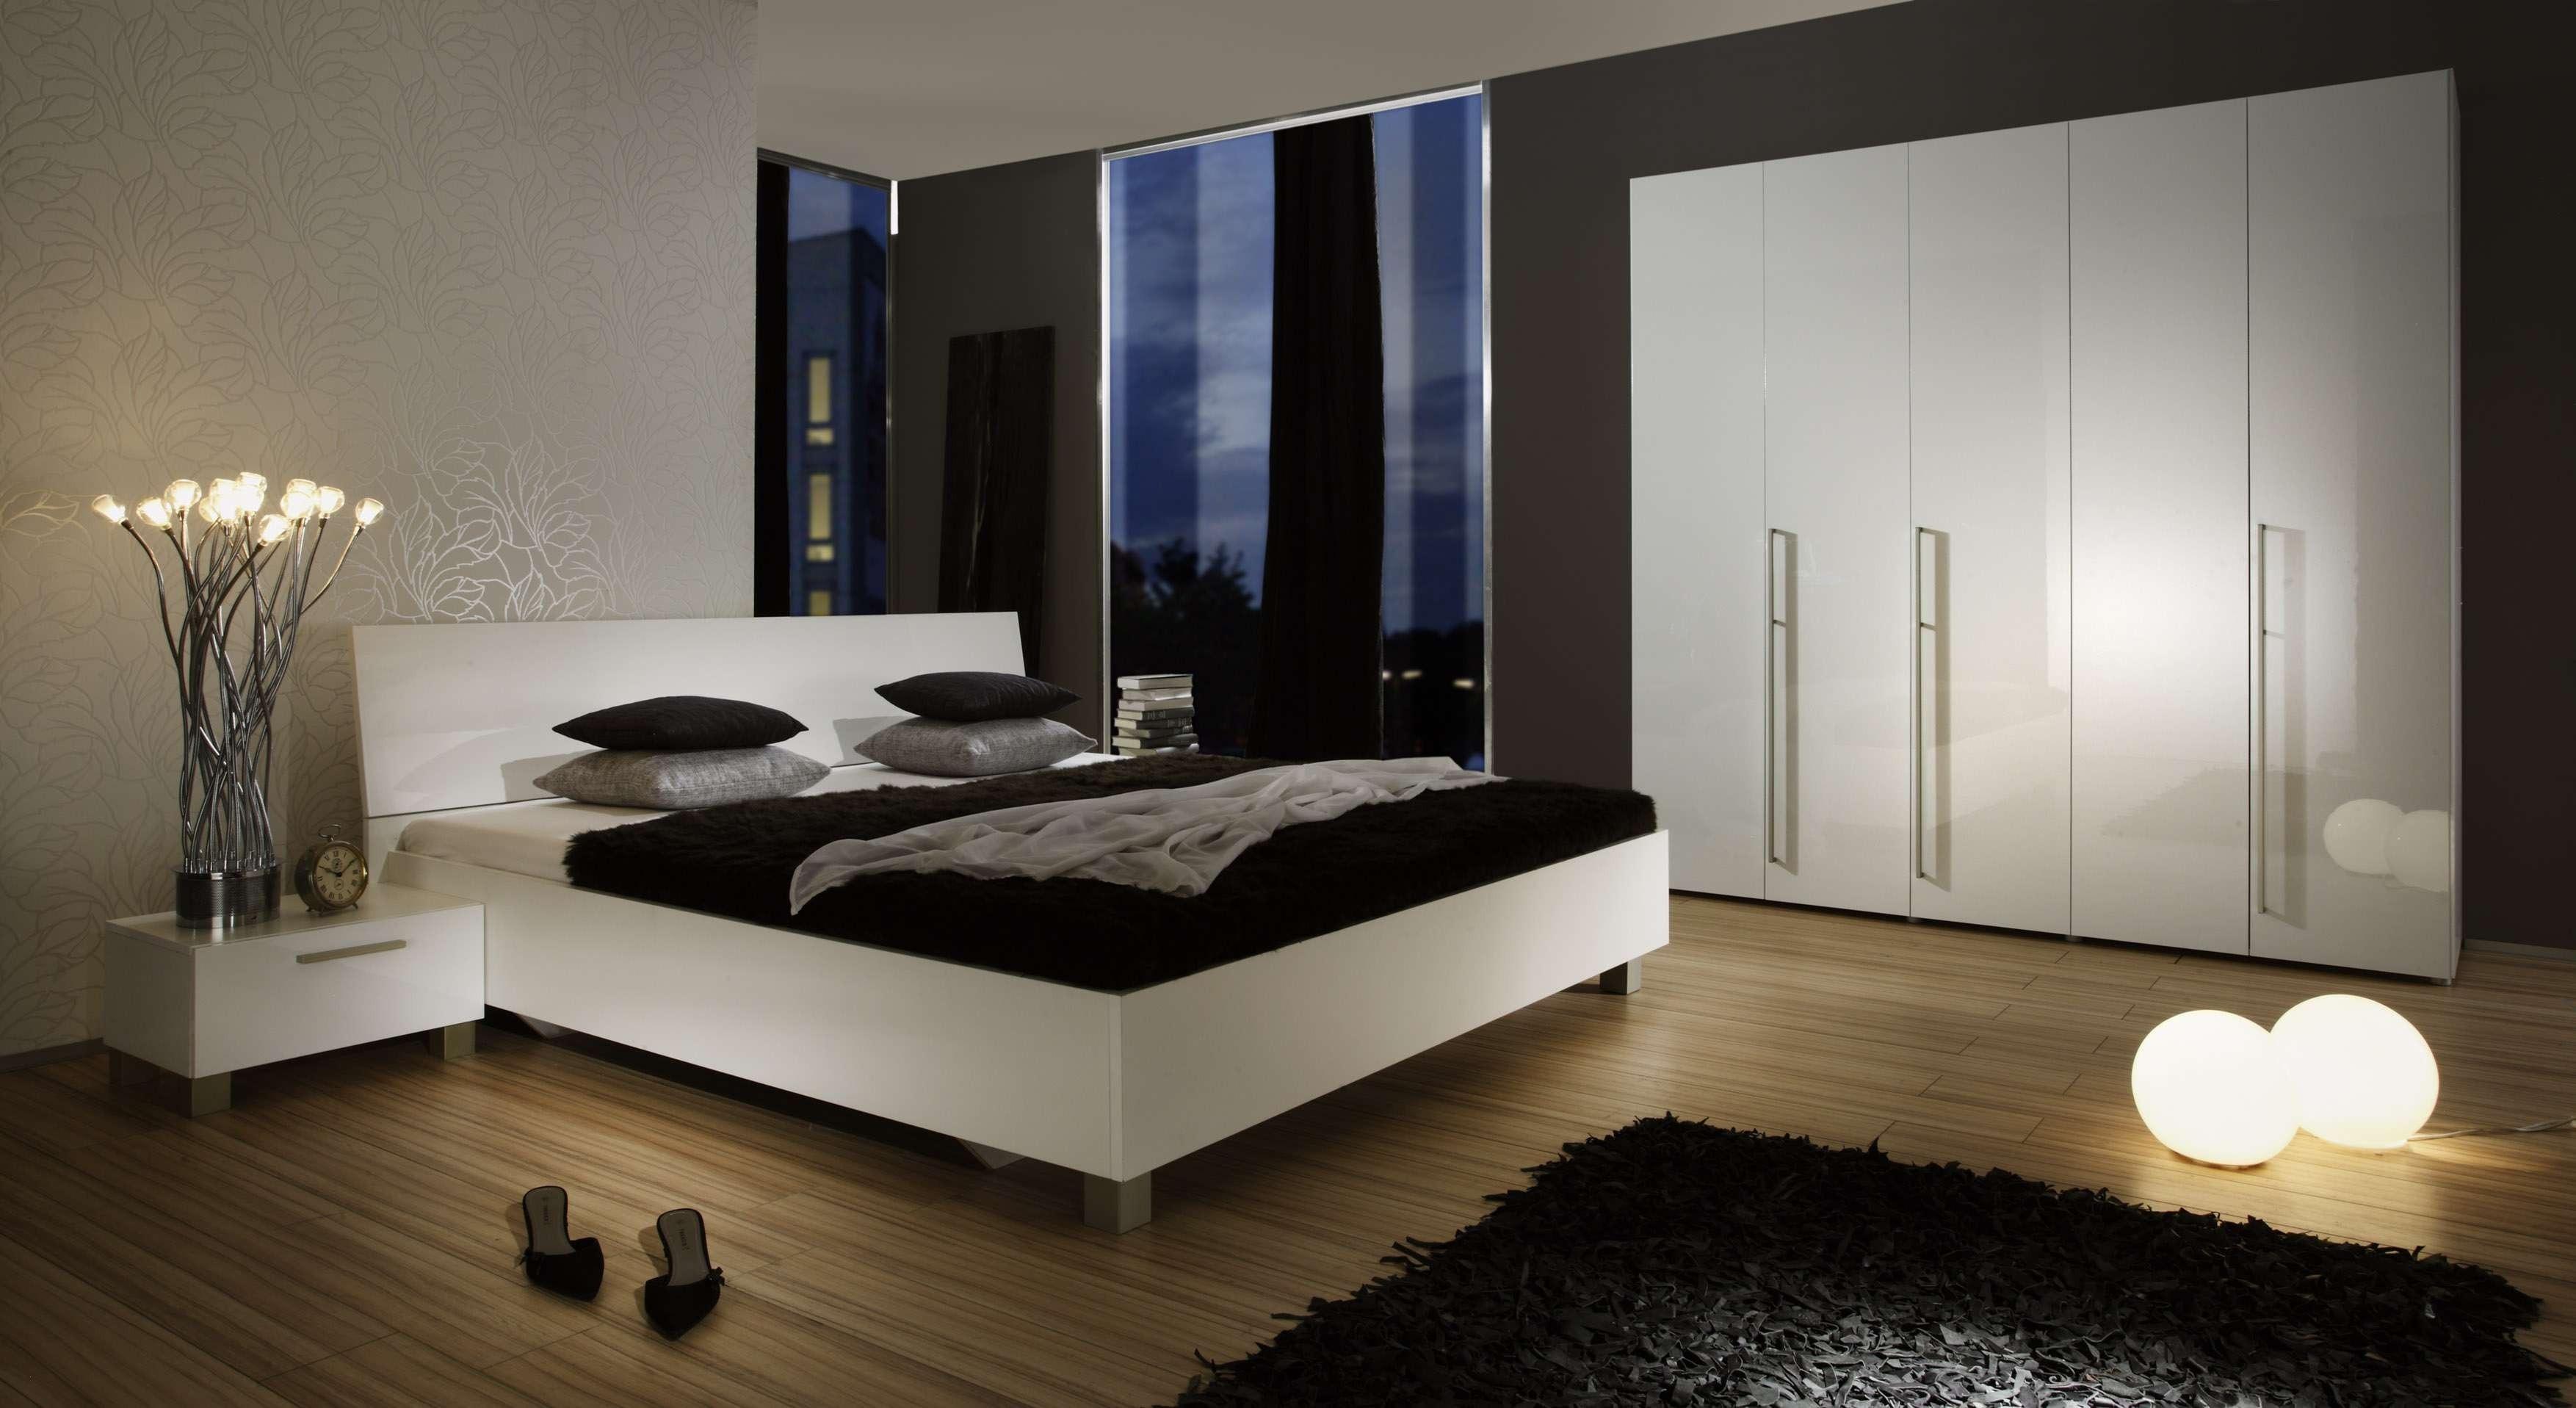 Wohnzimmer Grau Braun Weiß mksurfub